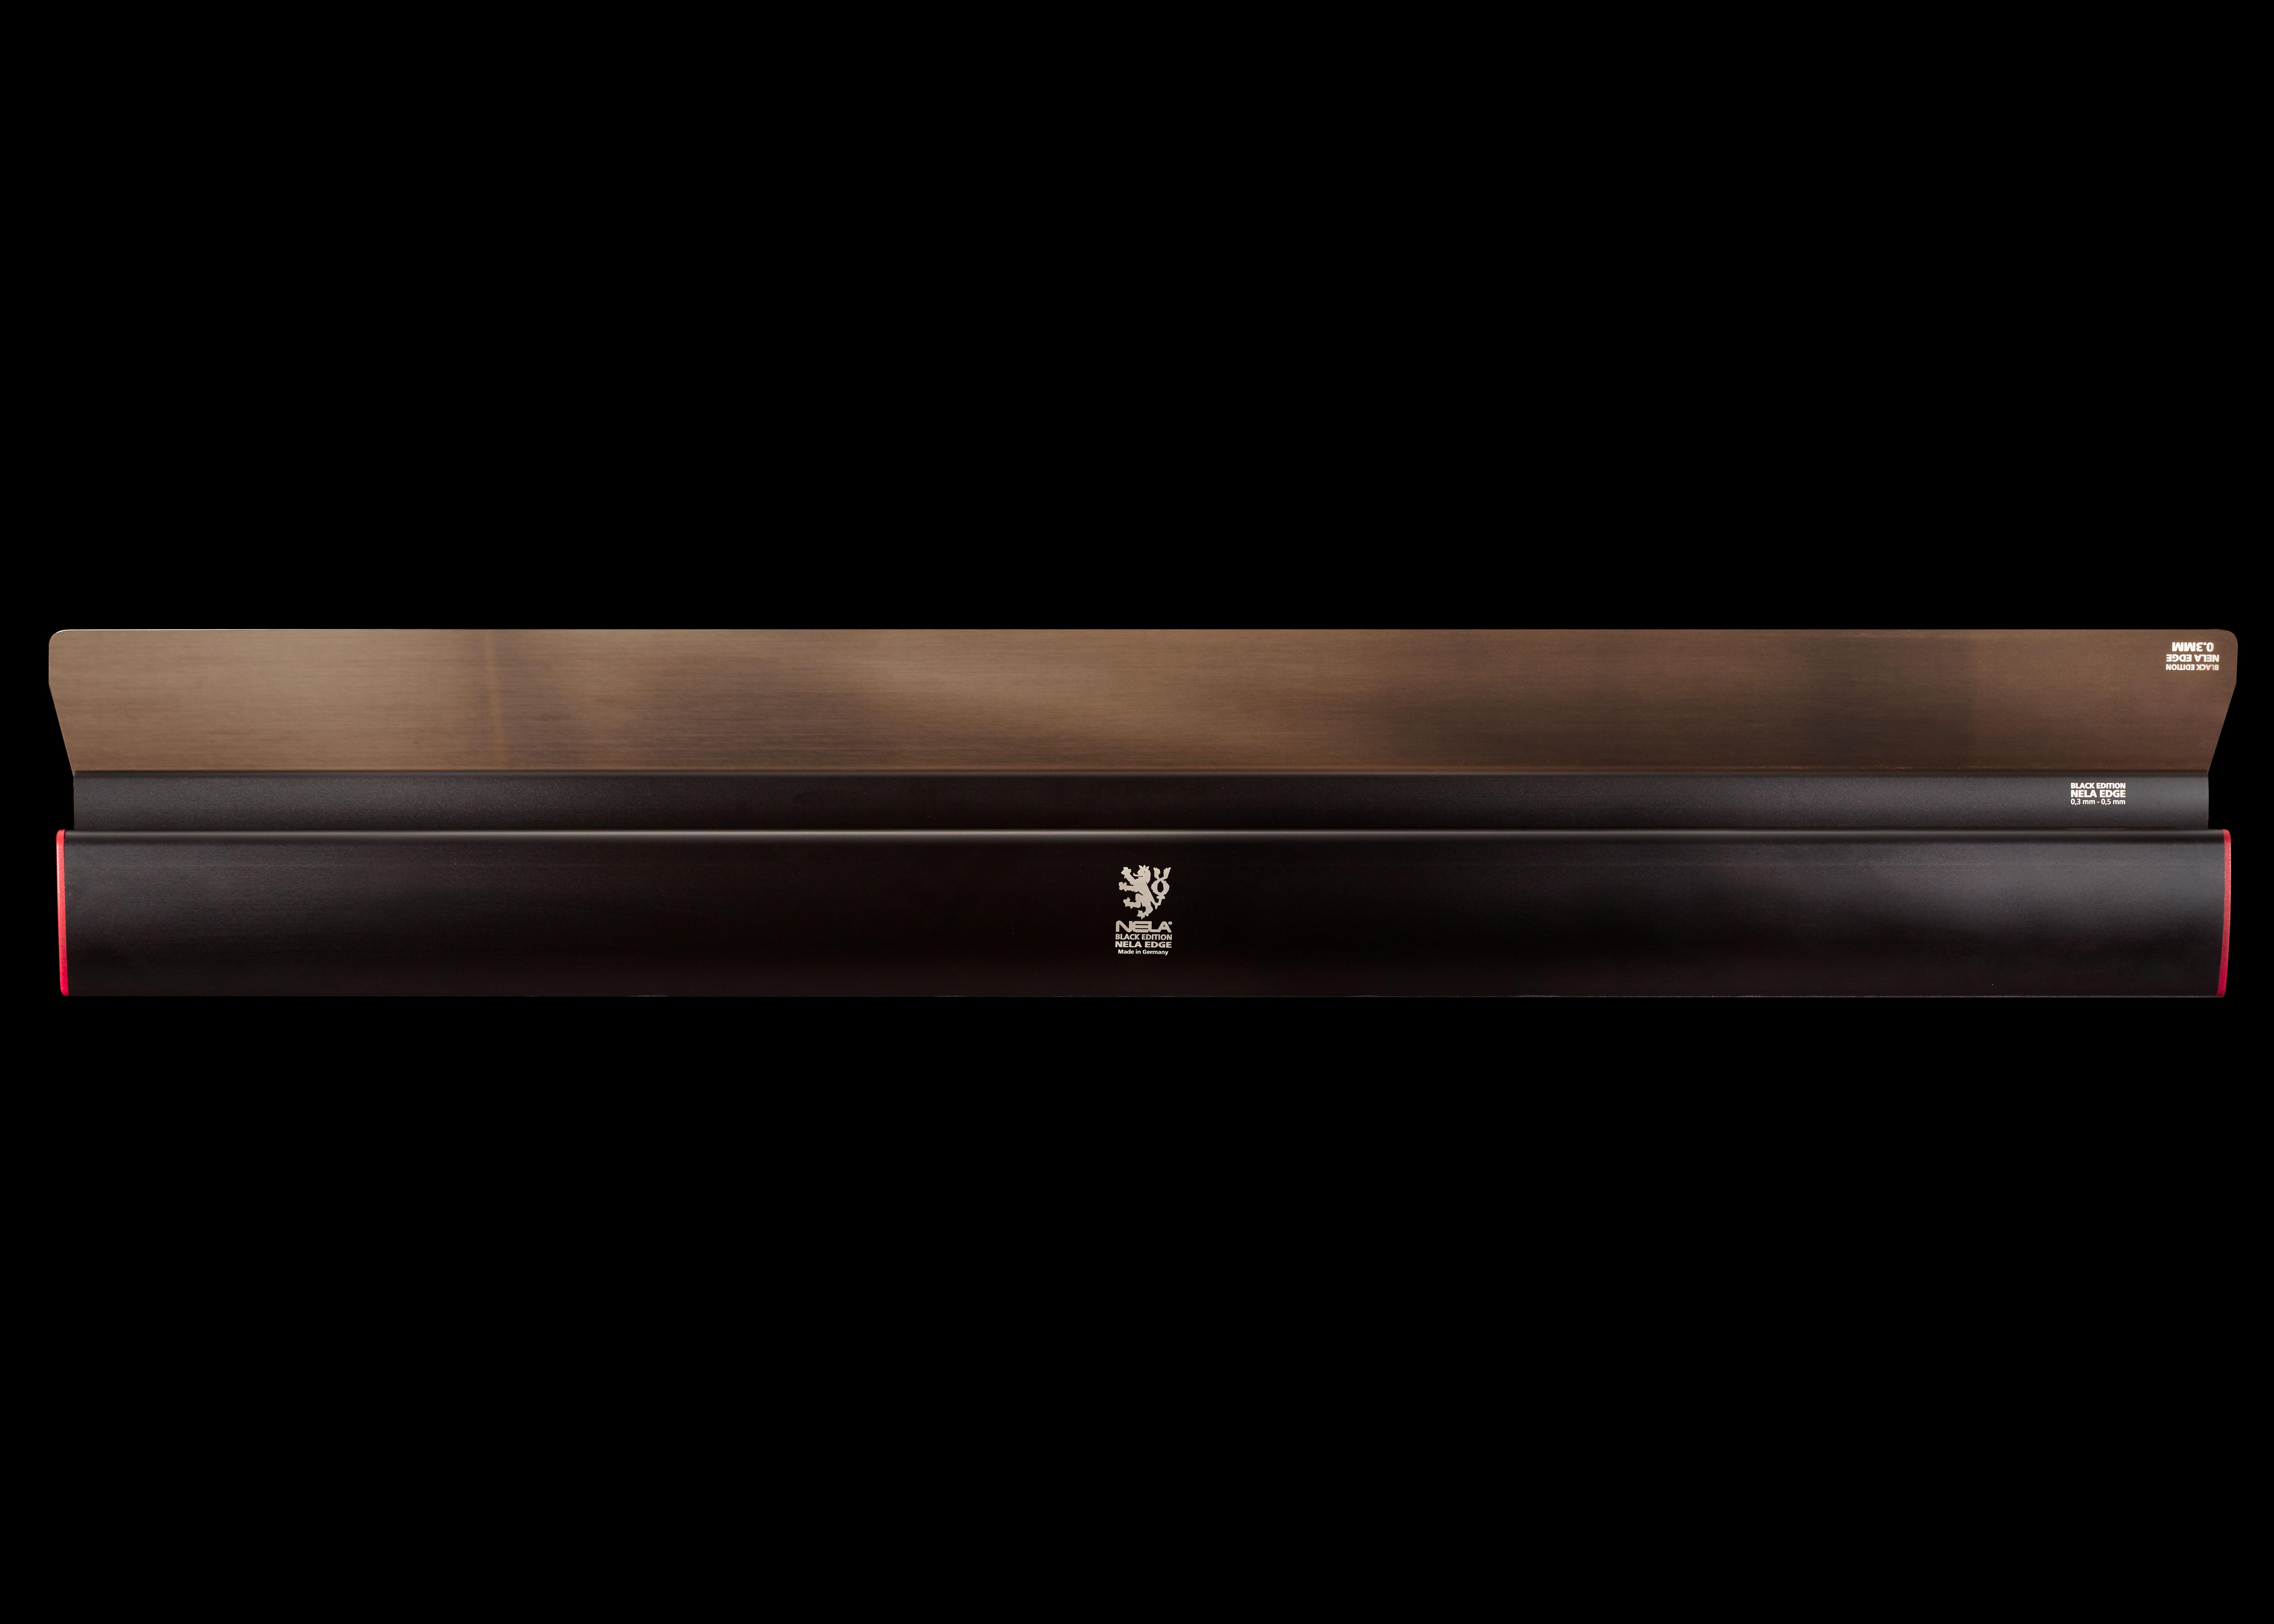 NELA Edge Black Edition Spatula 1200mm